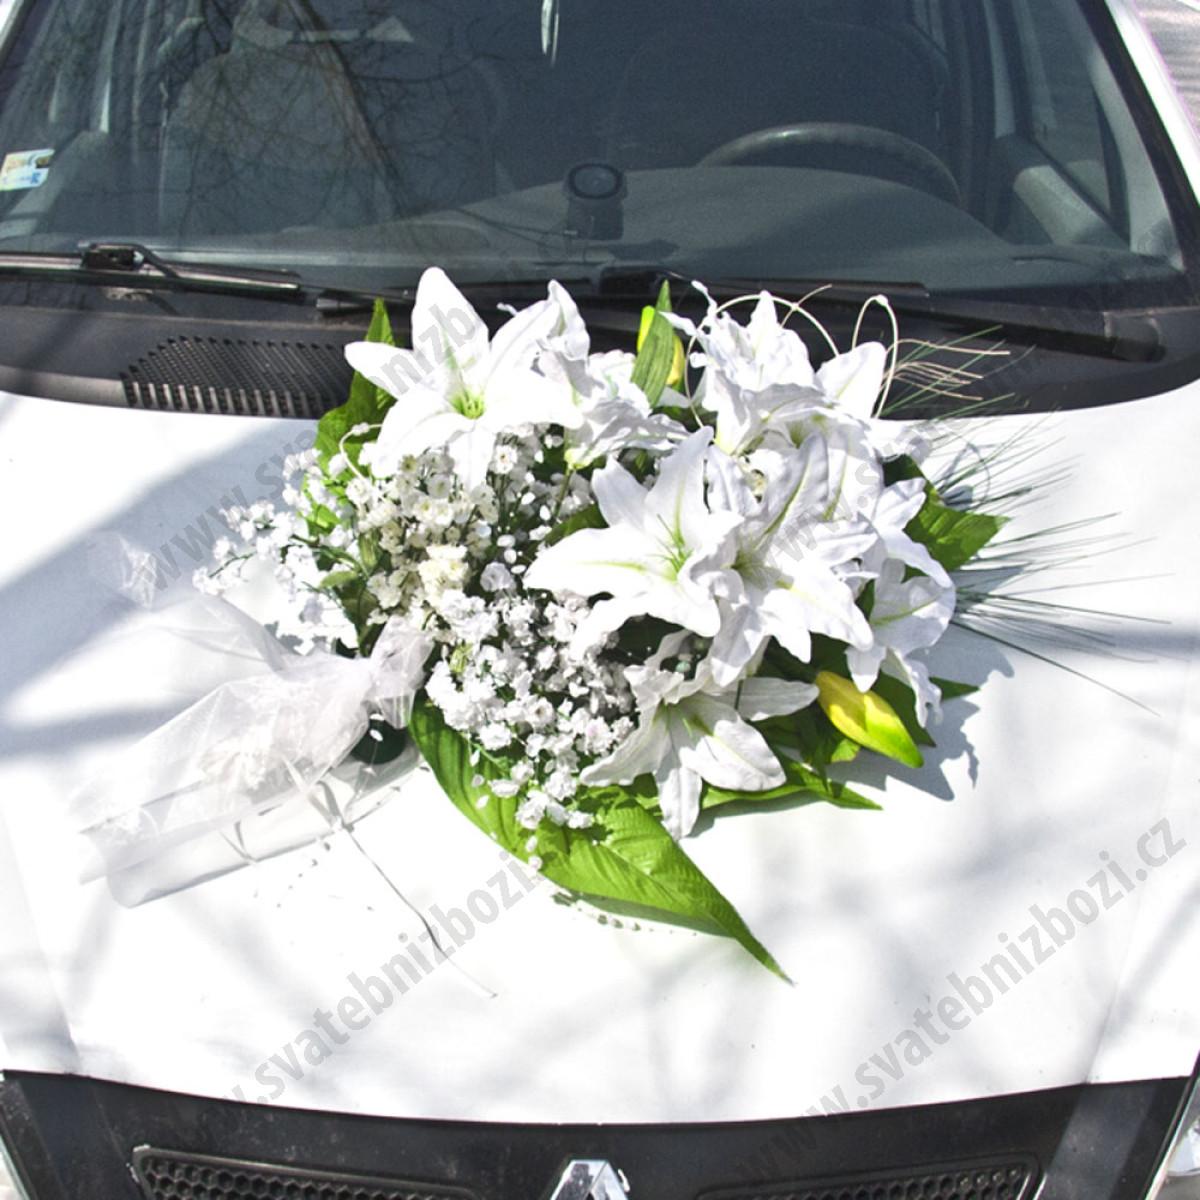 Pronajem Dekorace Na Auto Bile Lilie 1 Ks Pujcovna Svatebni